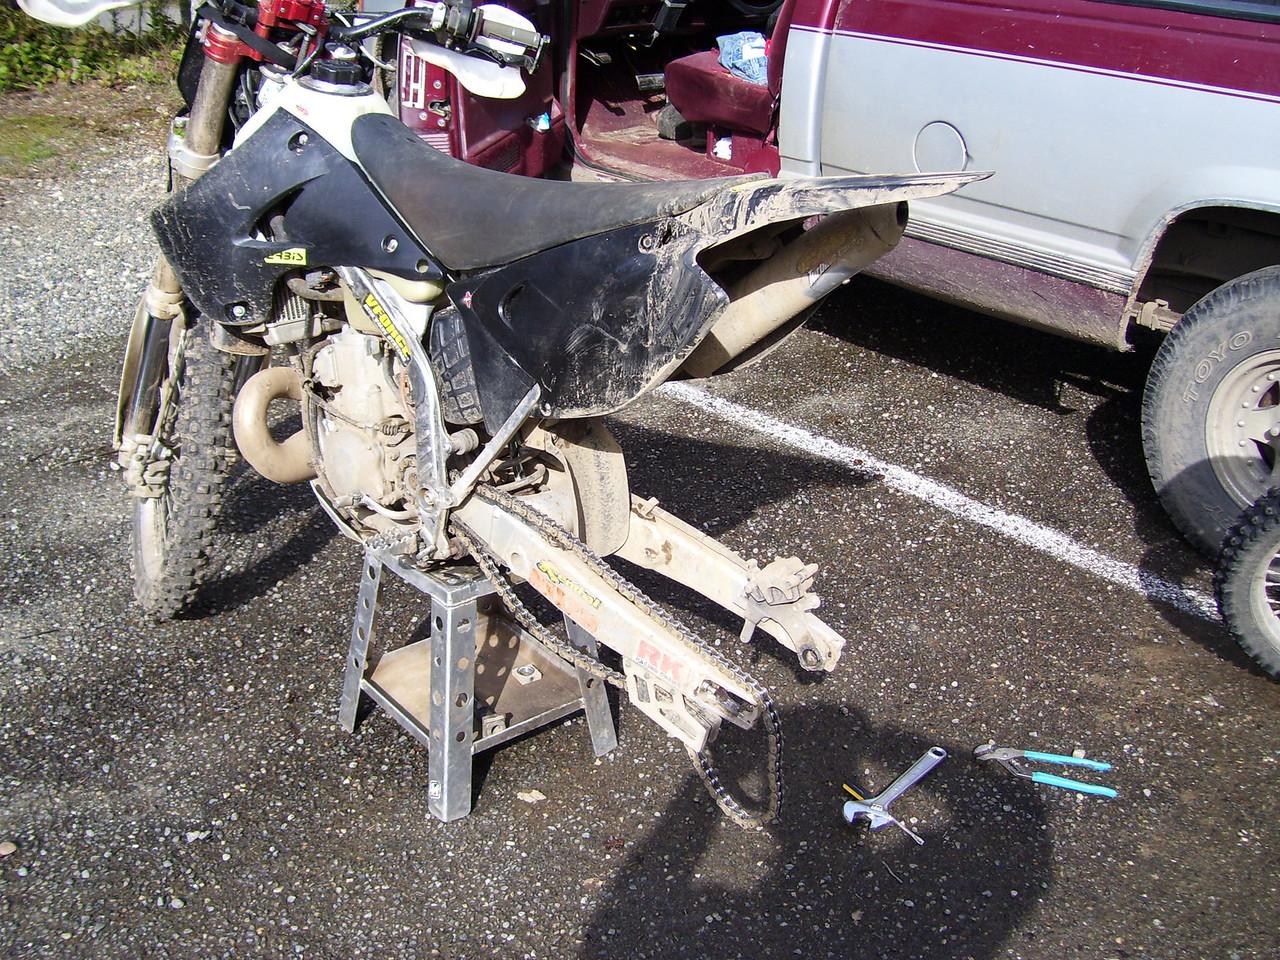 Kris's KX 250 minus rear wheel.